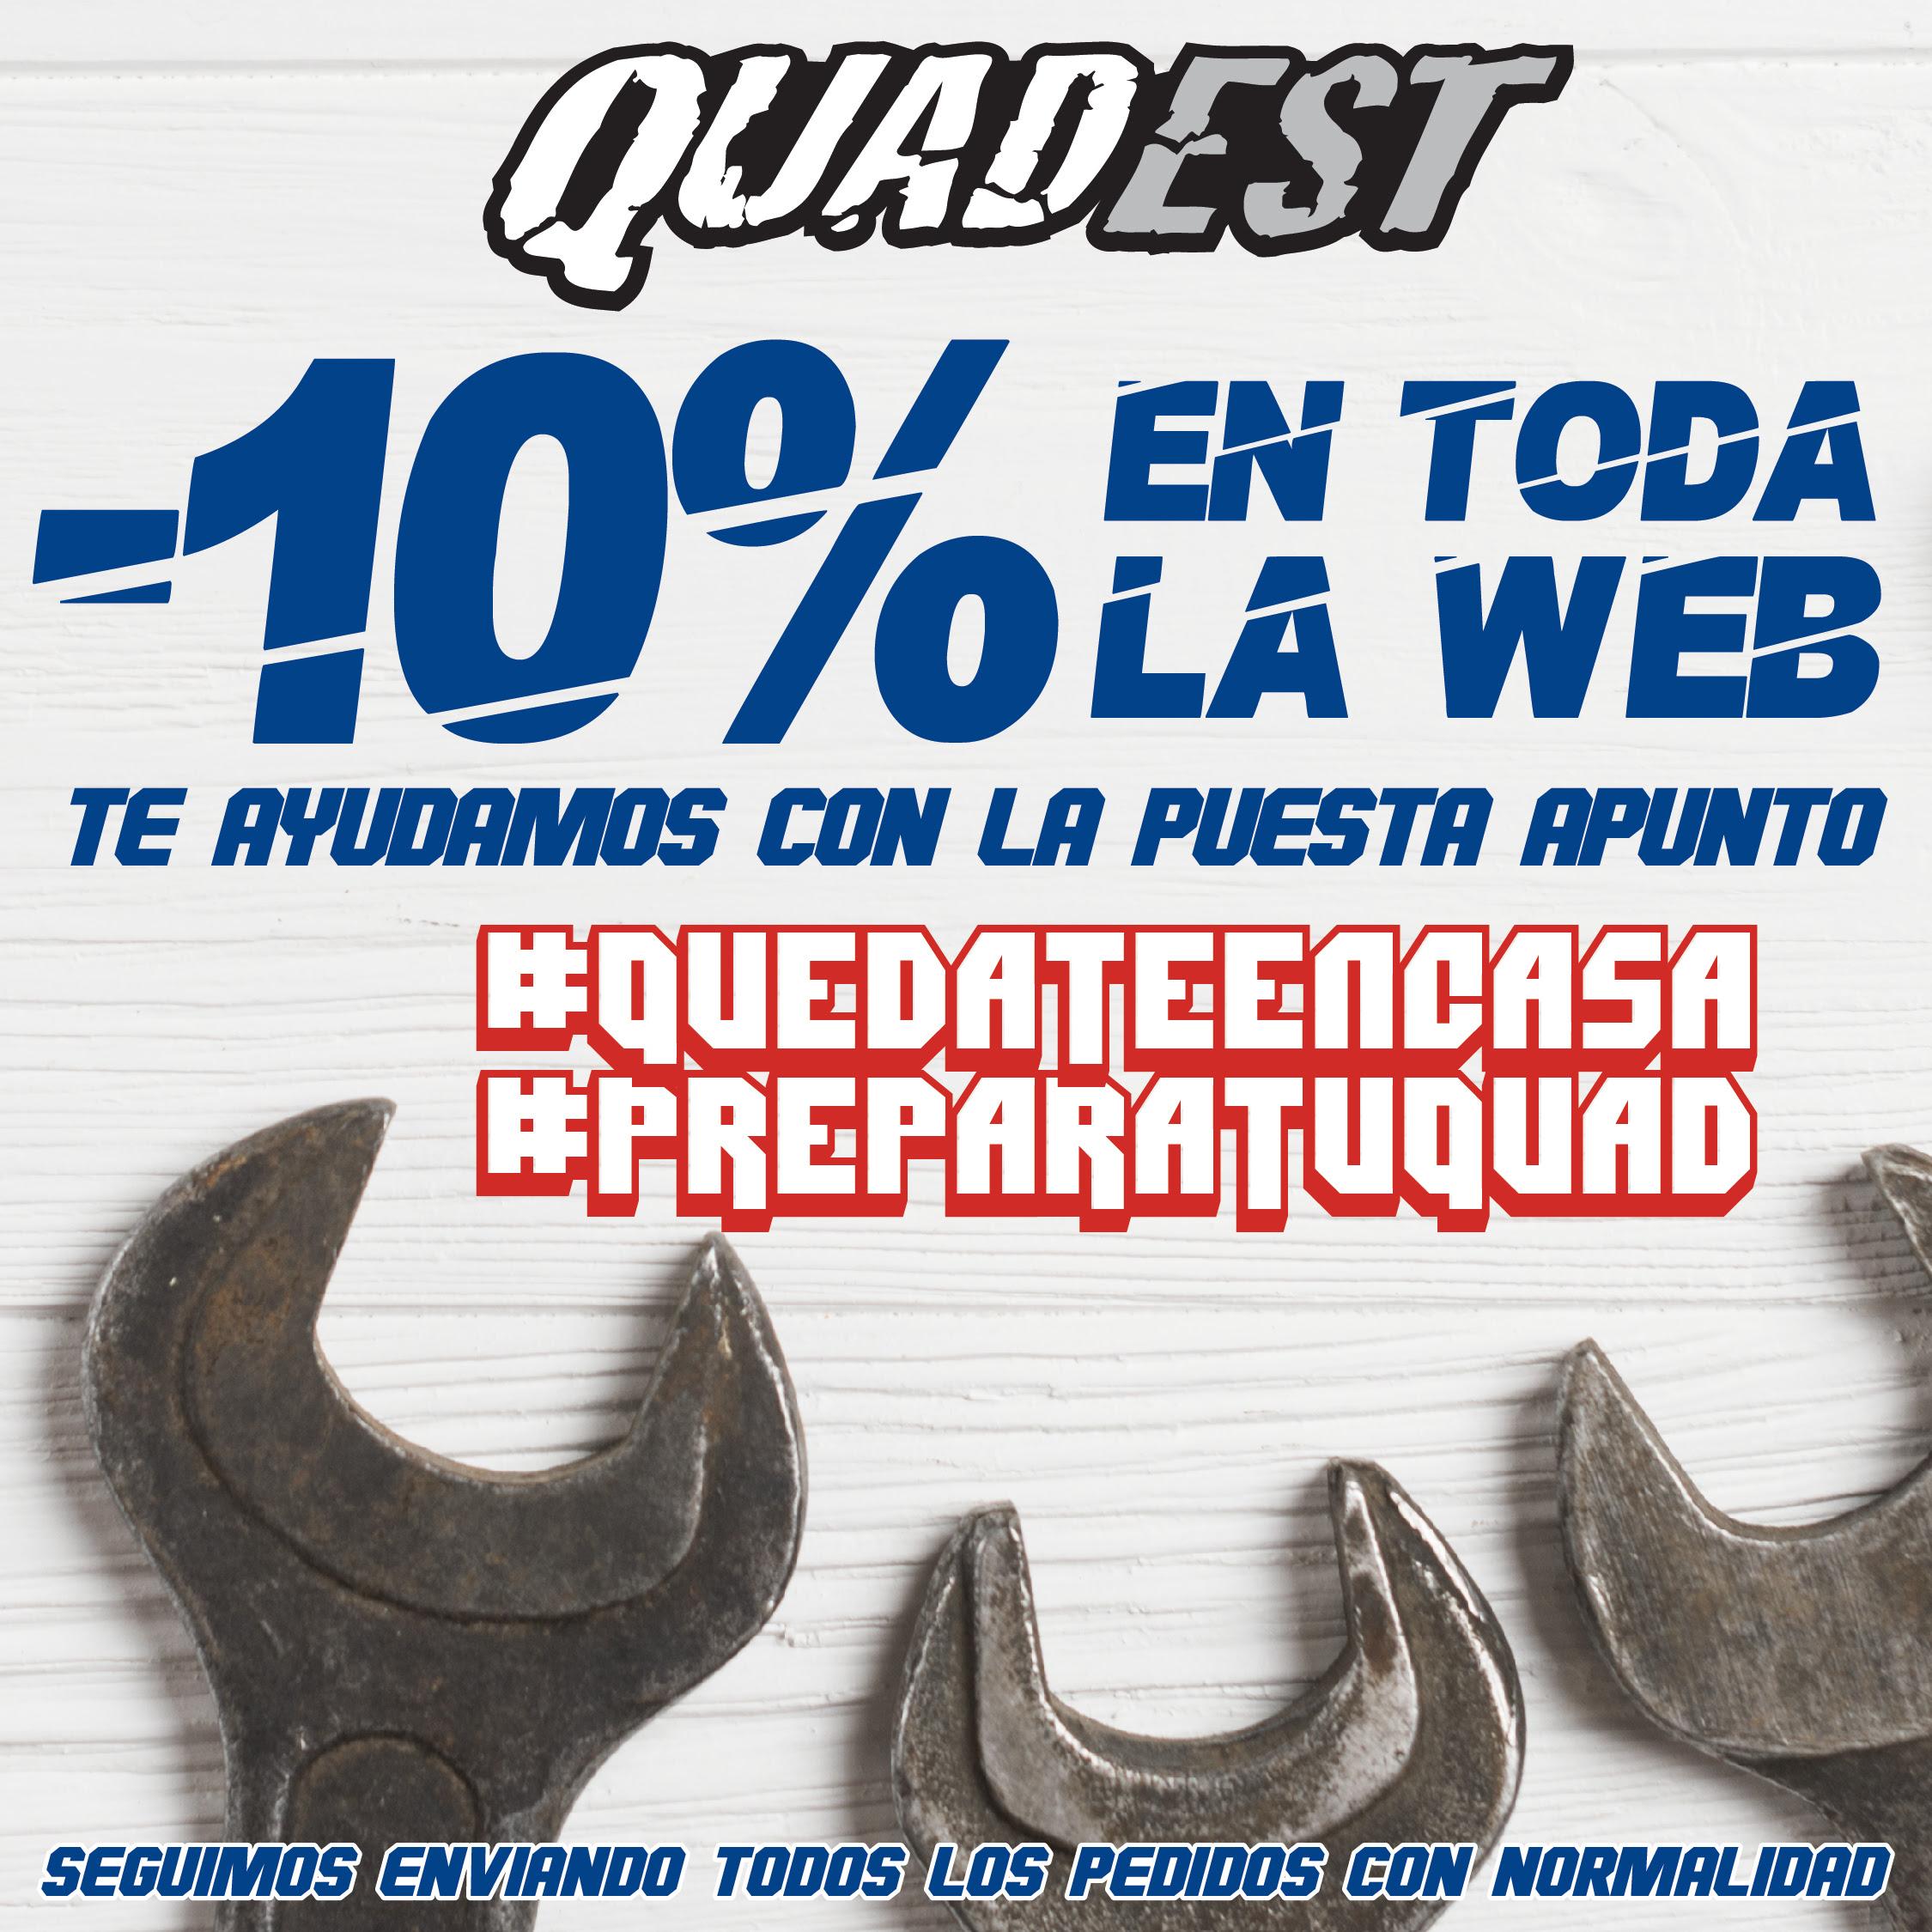 quadestonline.com